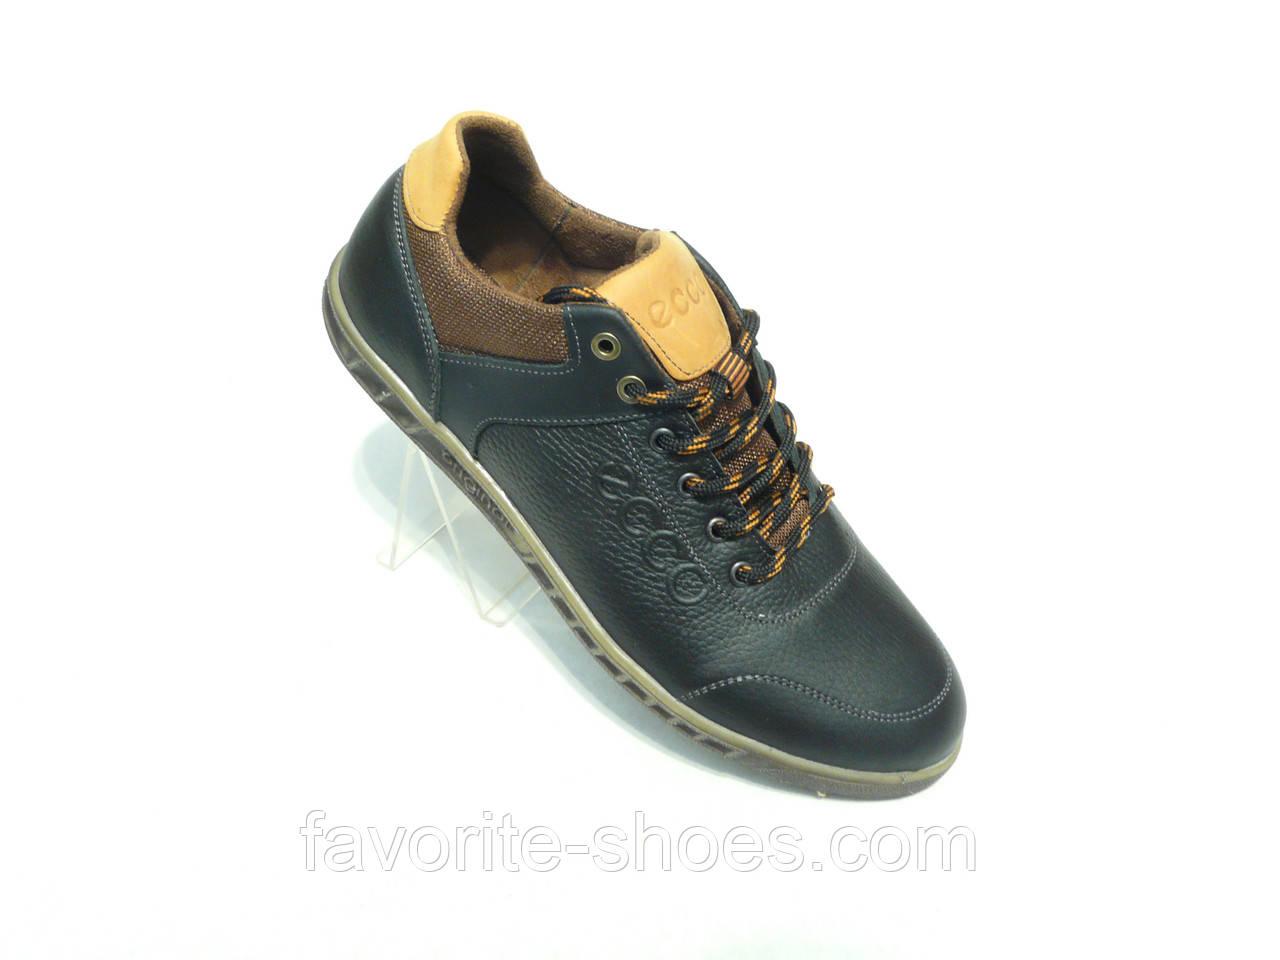 Кожаные мужские спортивные туфли ECCO ч.: продажа, цена в ...